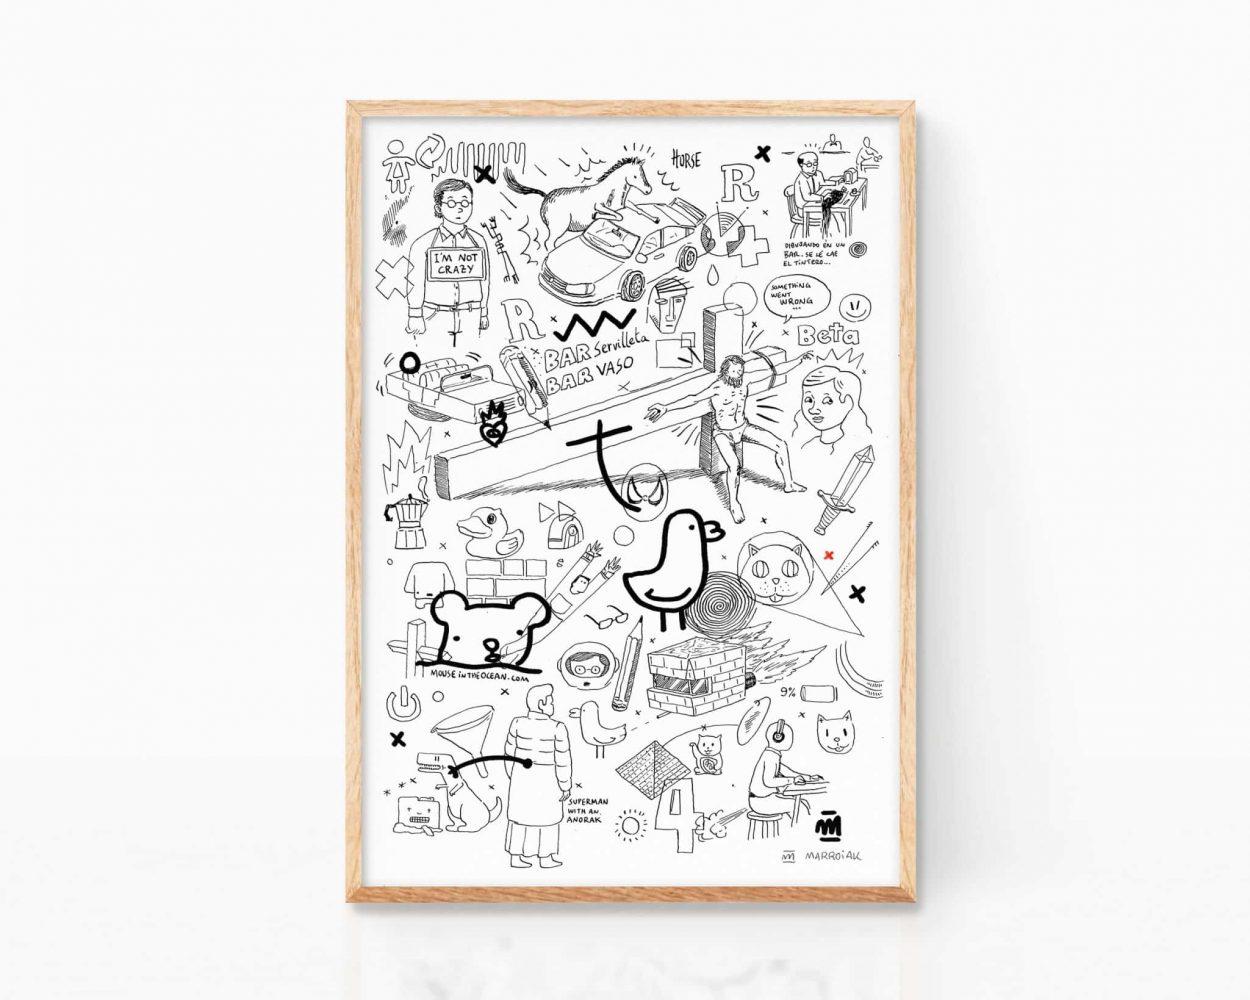 Lámina con un dibujo punk compuesto de fragmentos de miguel noguera y otros ilustradores. Arte urbano, stencil